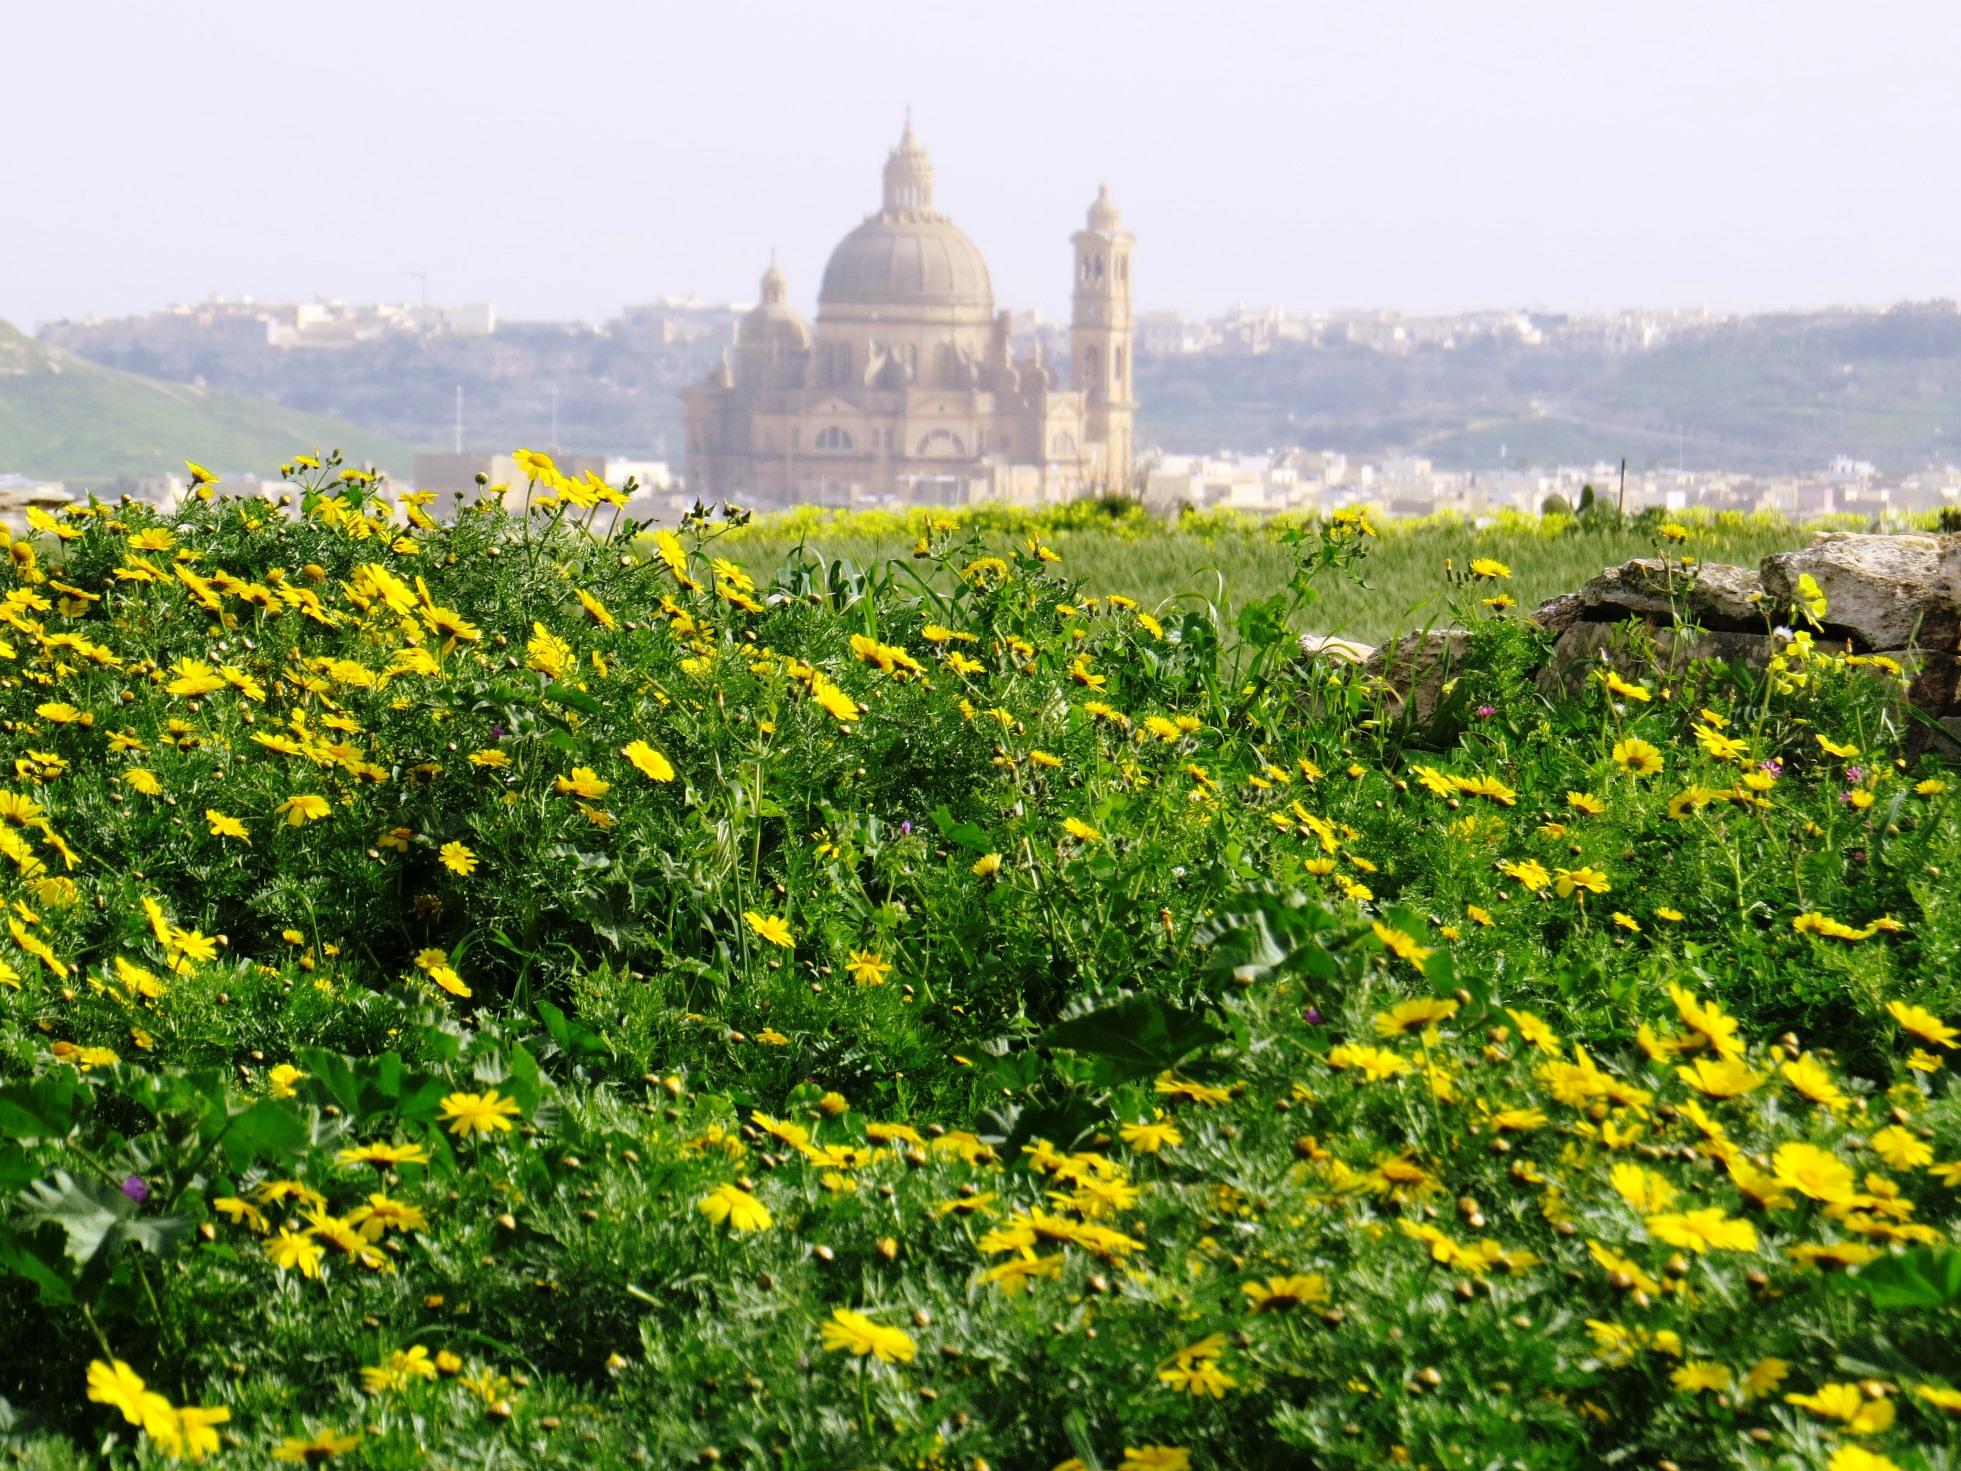 ゴゾ島、遠くヴィクトリアの大聖堂を望む